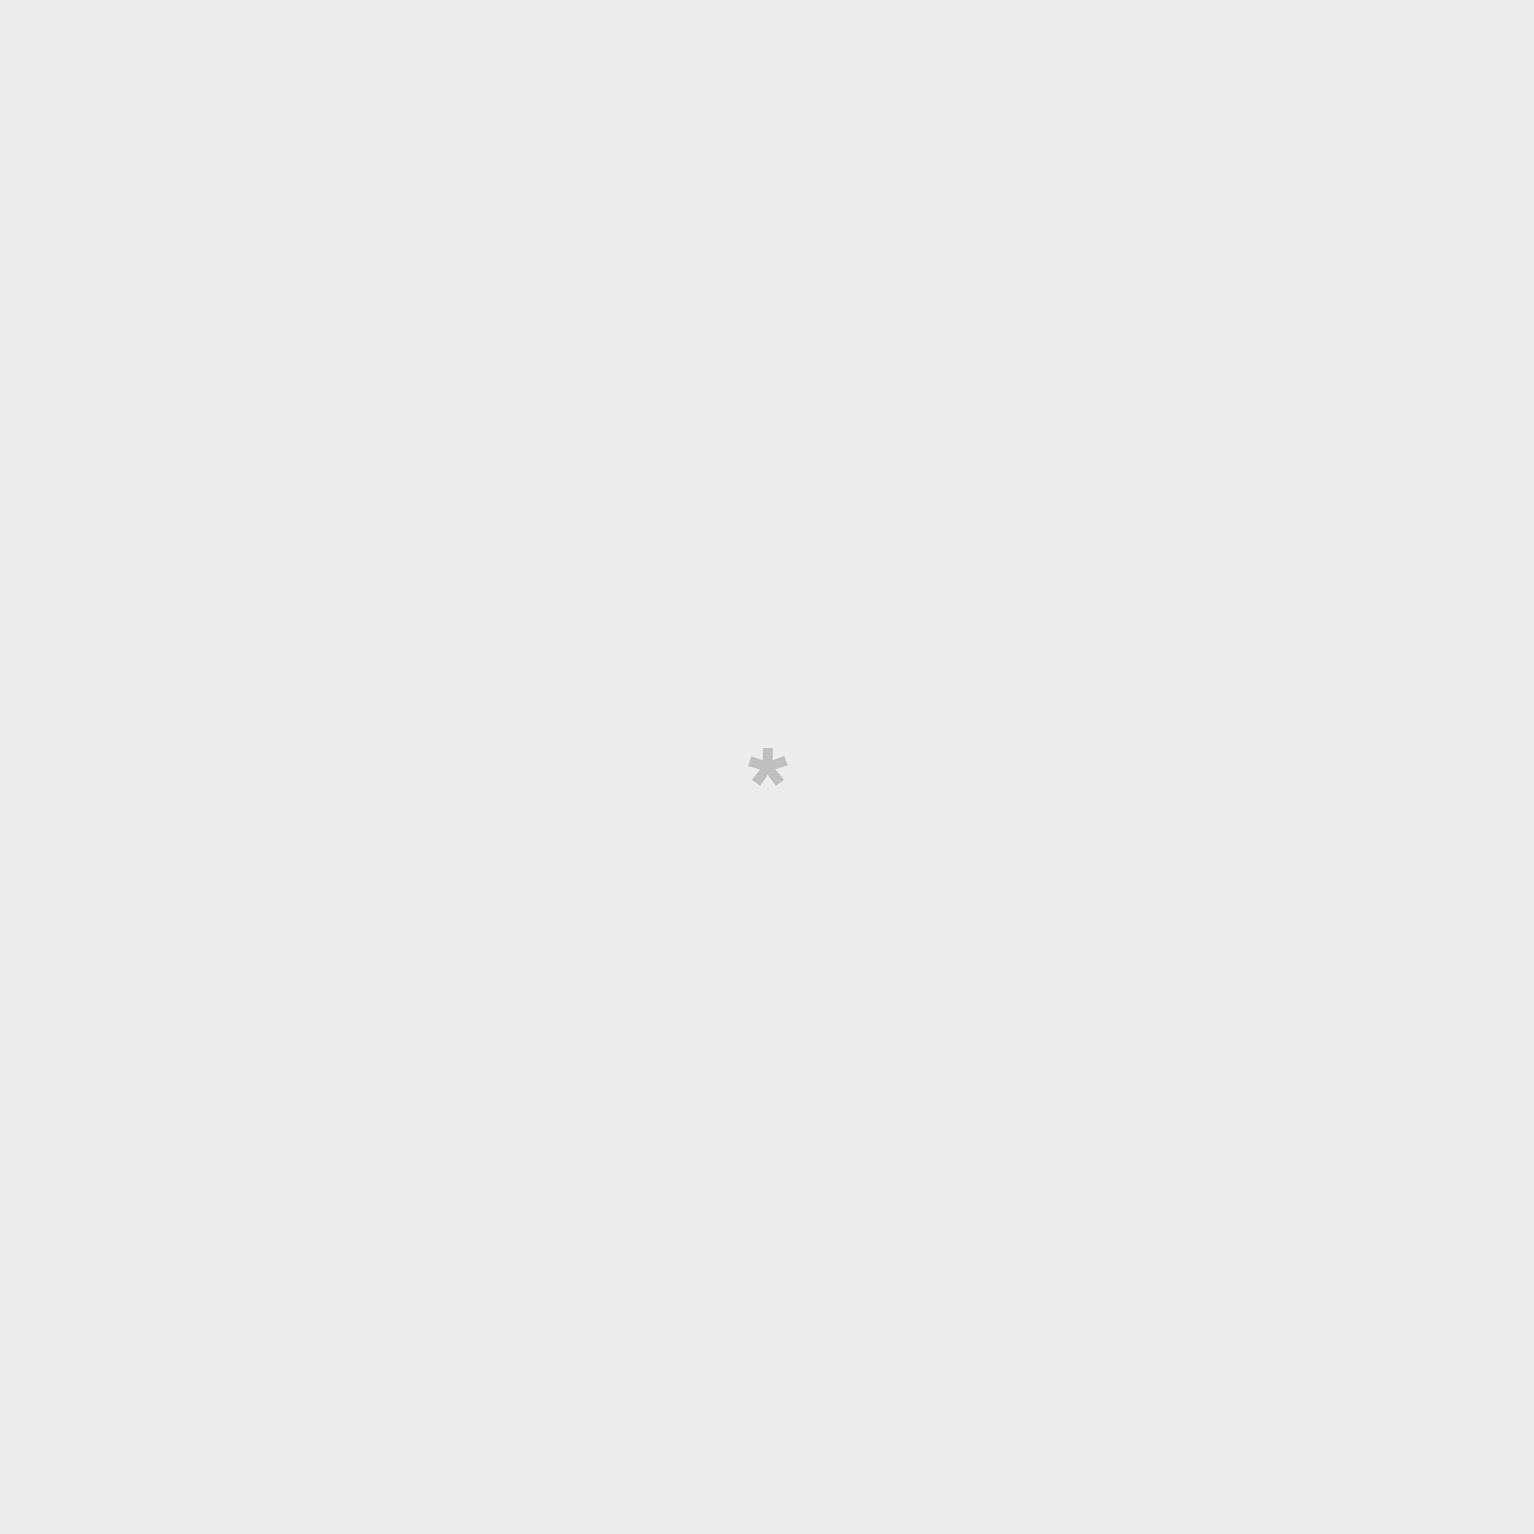 Organizador para semanas bien aprovechadas